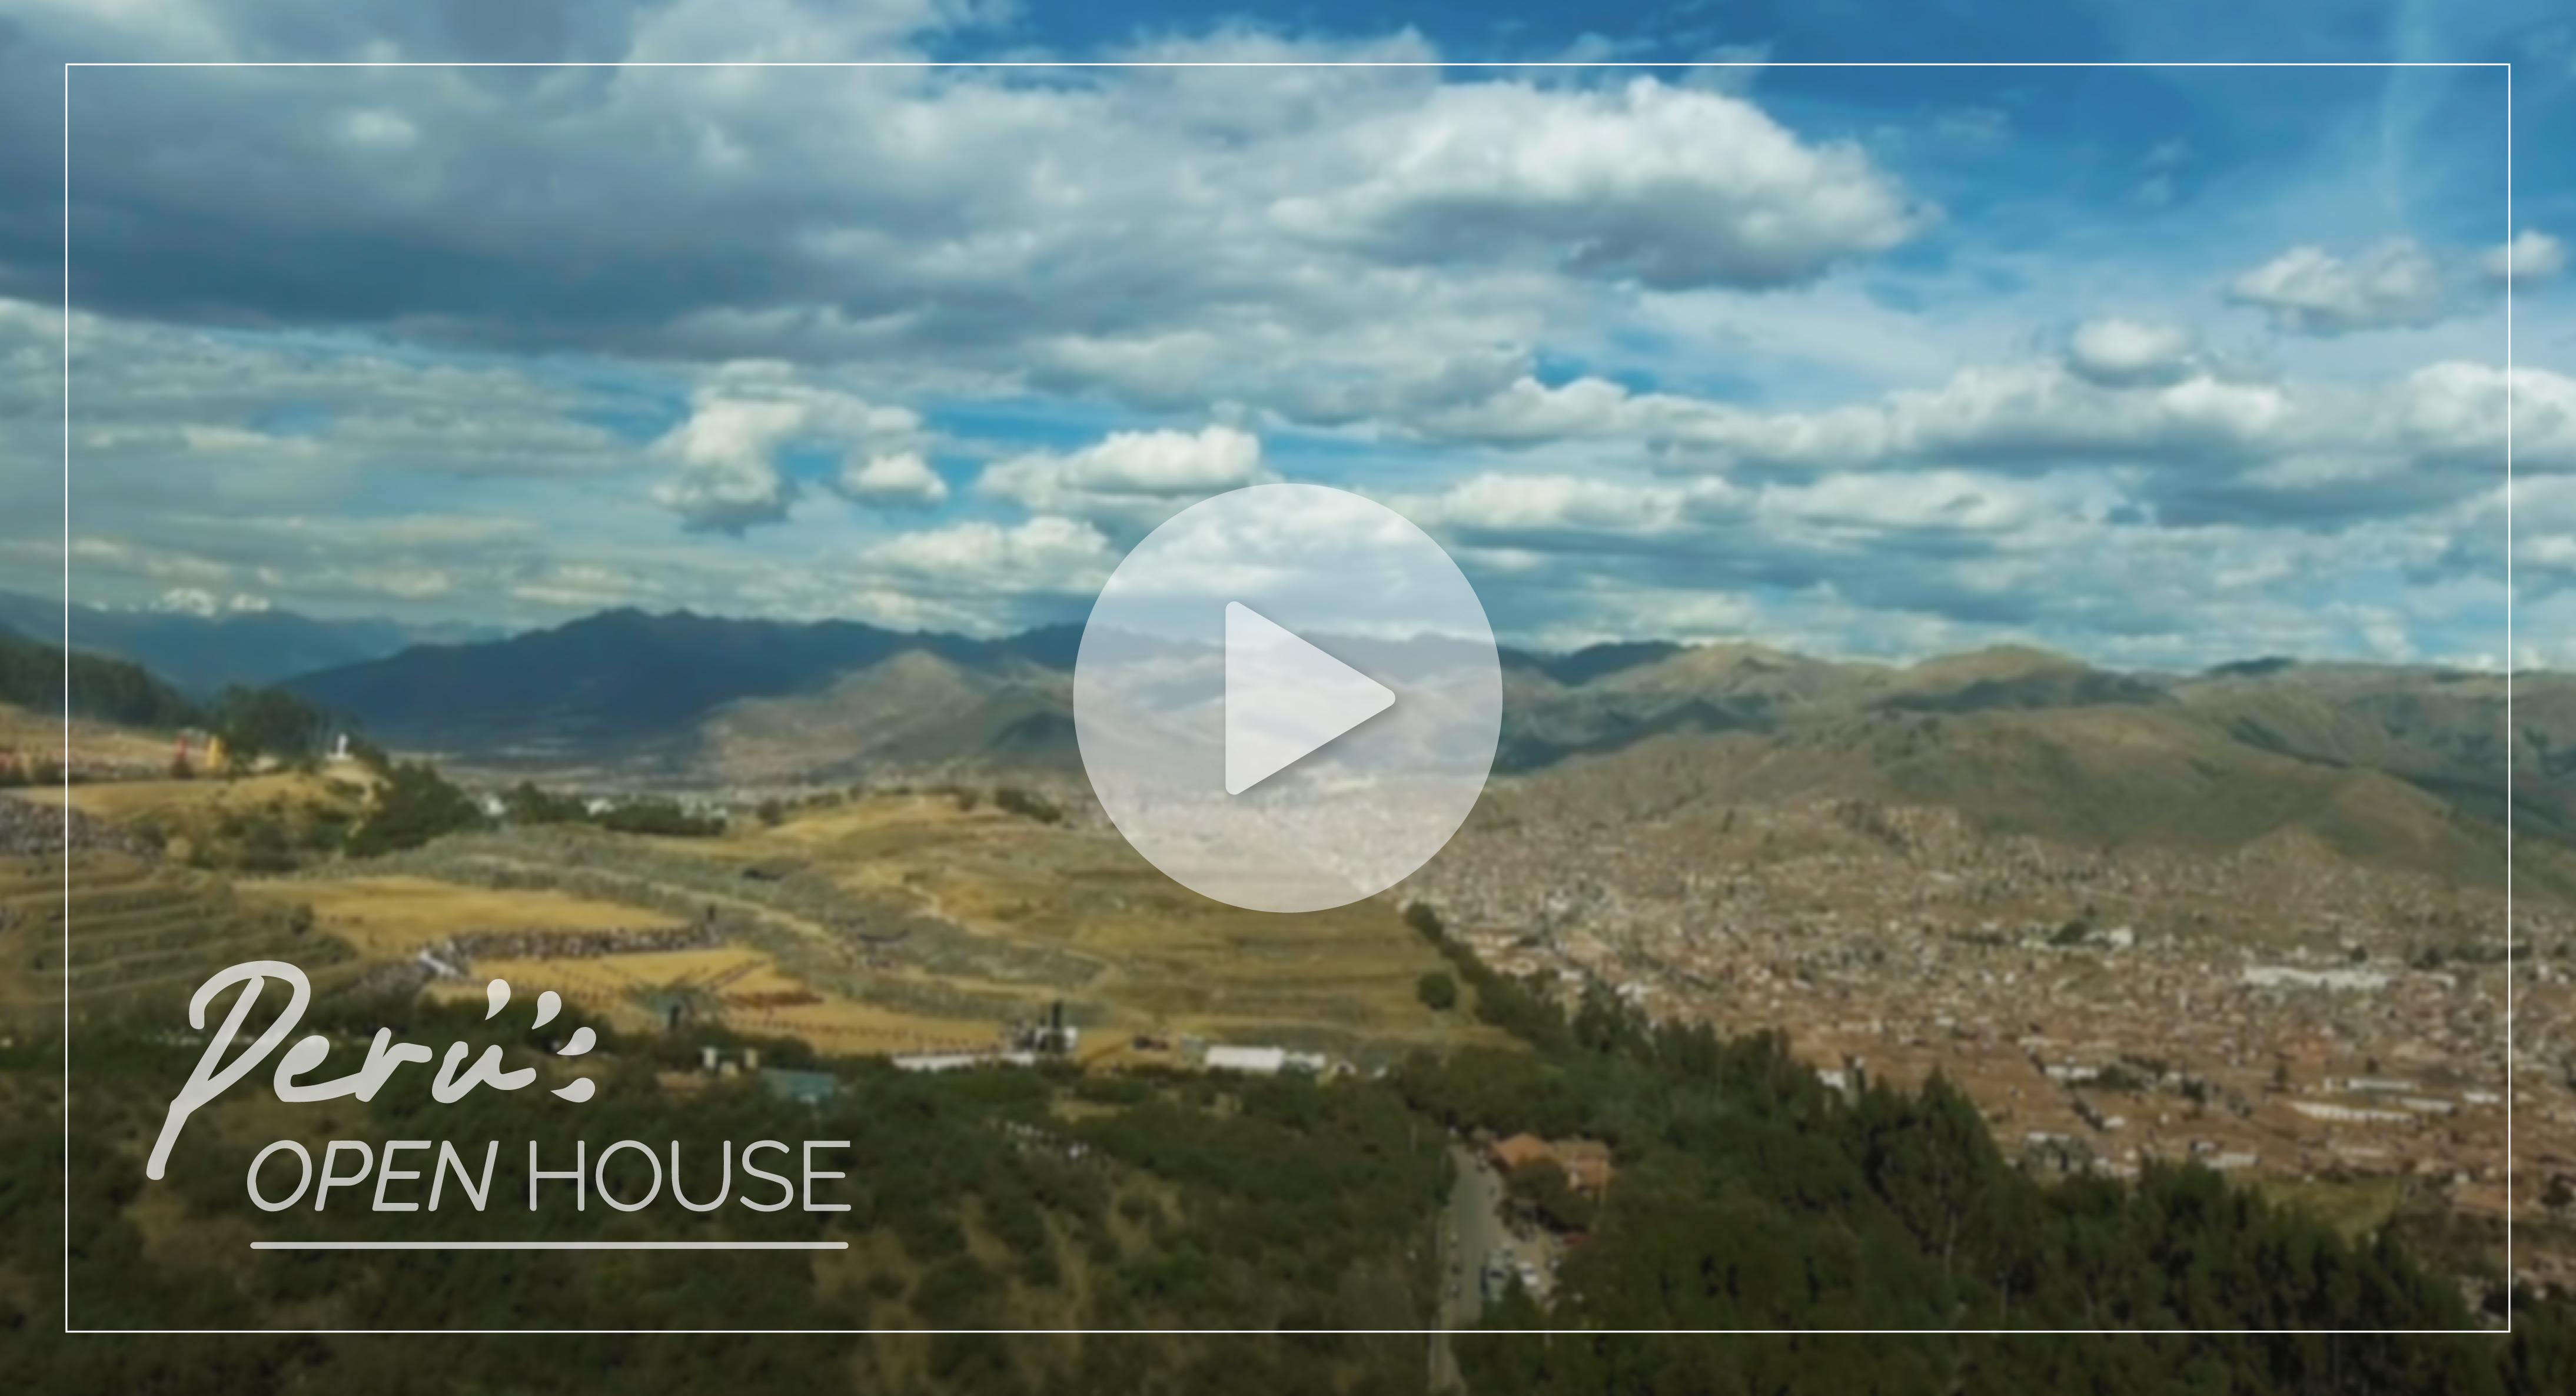 Open House - introducción